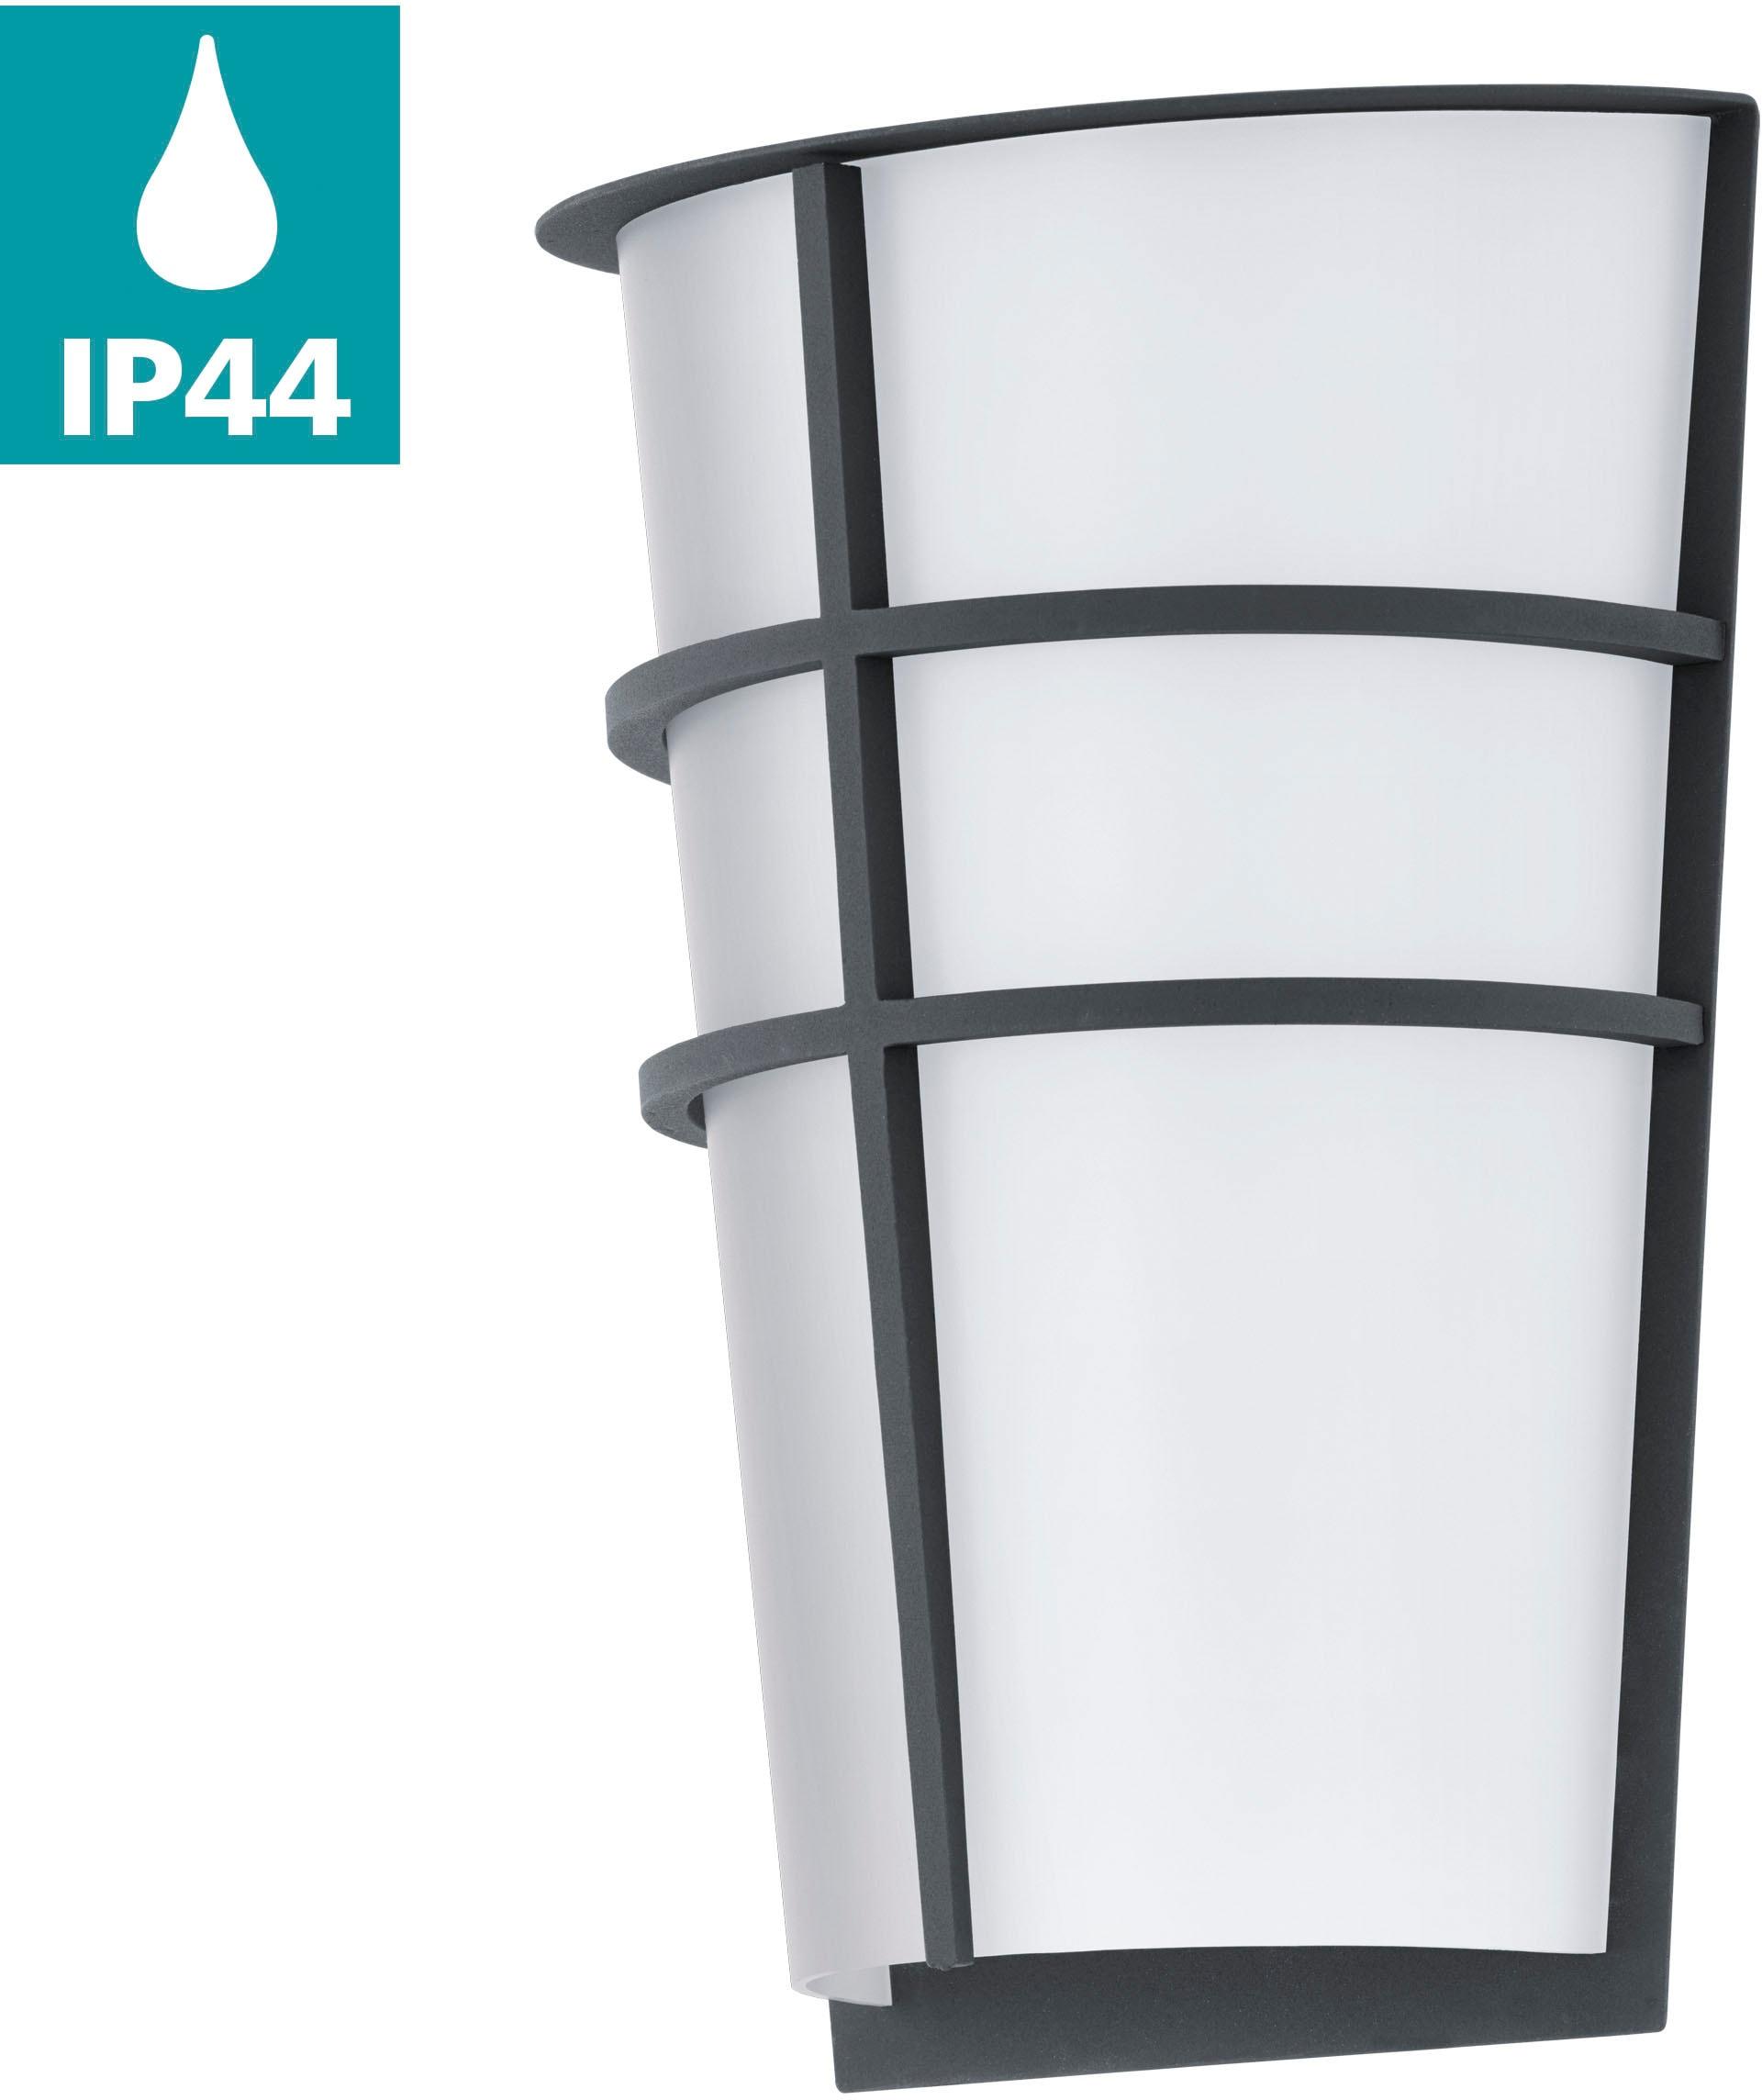 EGLO LED Außen-Wandleuchte BREGANZOP, LED-Board, Warmweiß, Eckmontage möglich, LED tauschbar